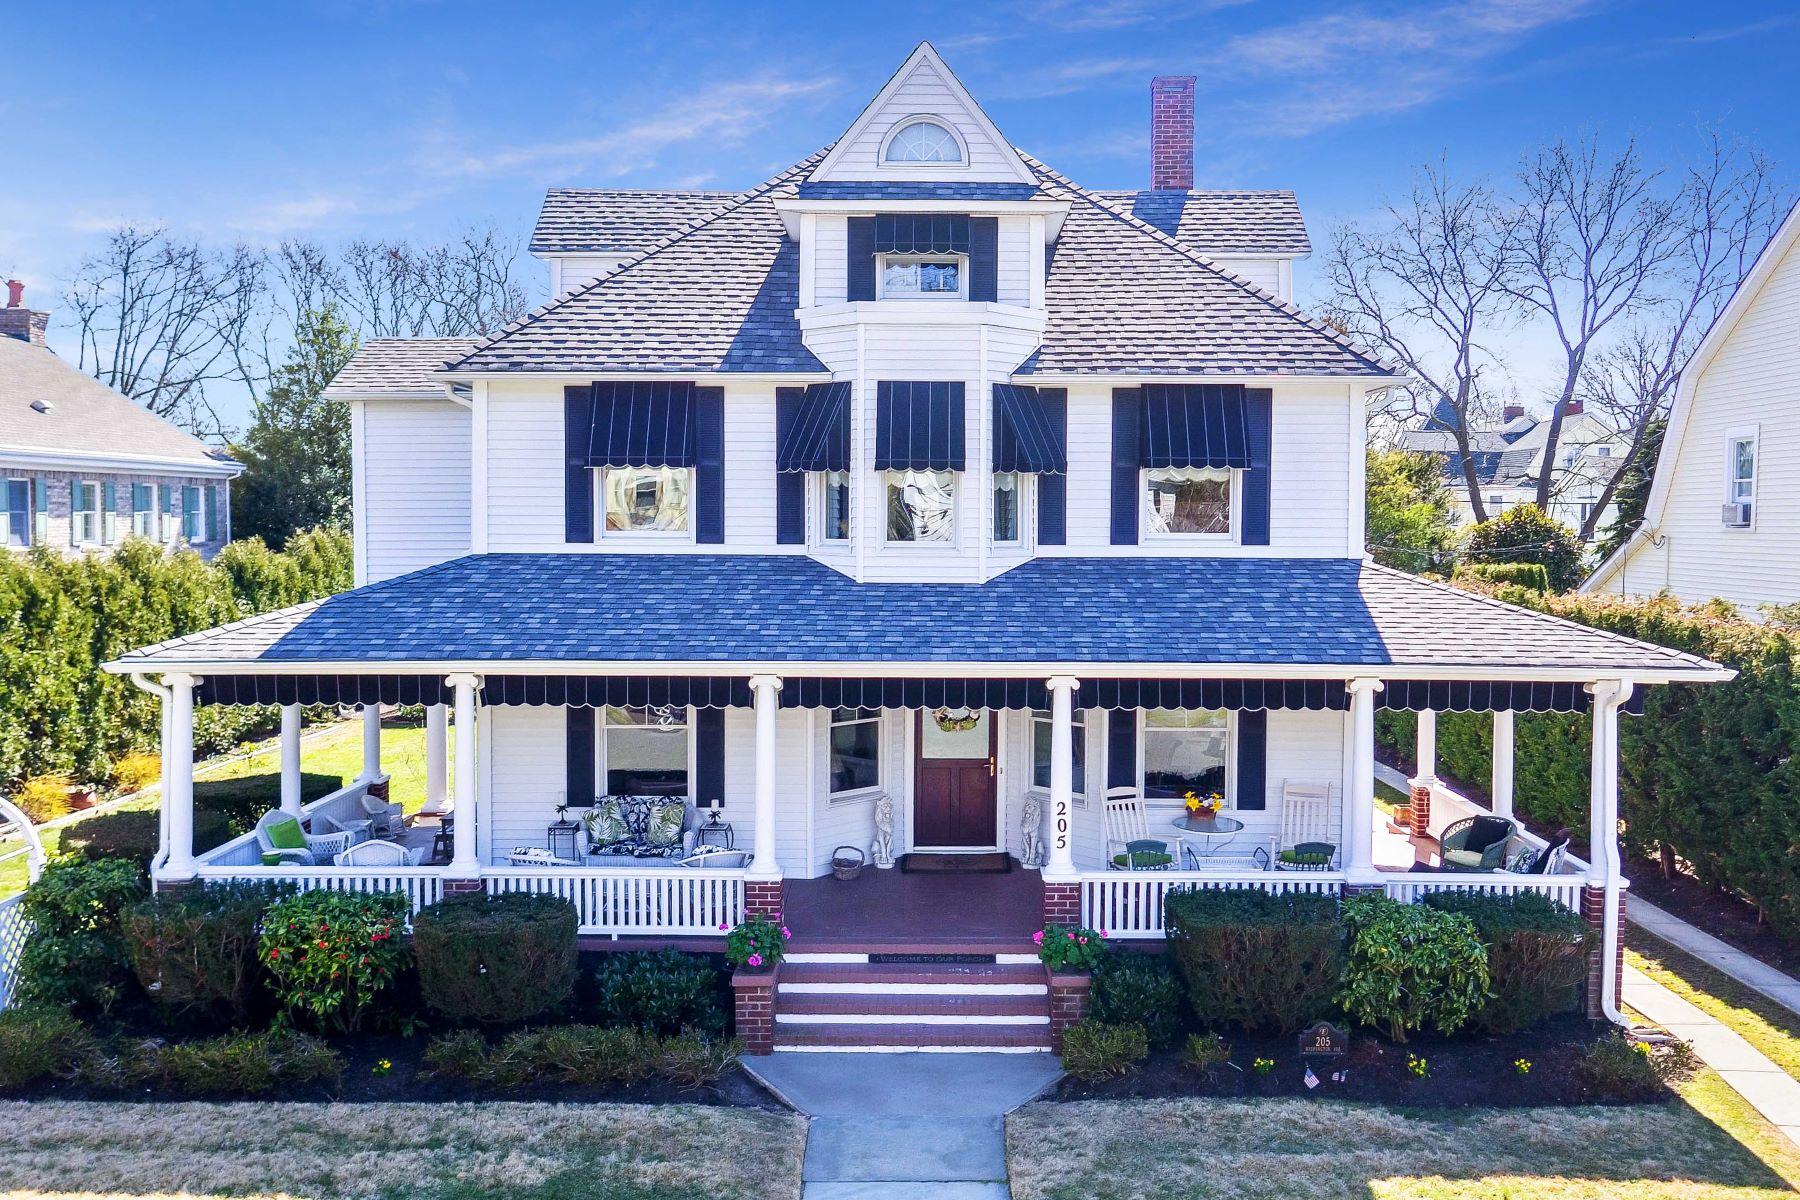 Einfamilienhaus für Verkauf beim Wonderful on Washington 205 Washington Spring Lake, New Jersey, 07762 Vereinigte Staaten